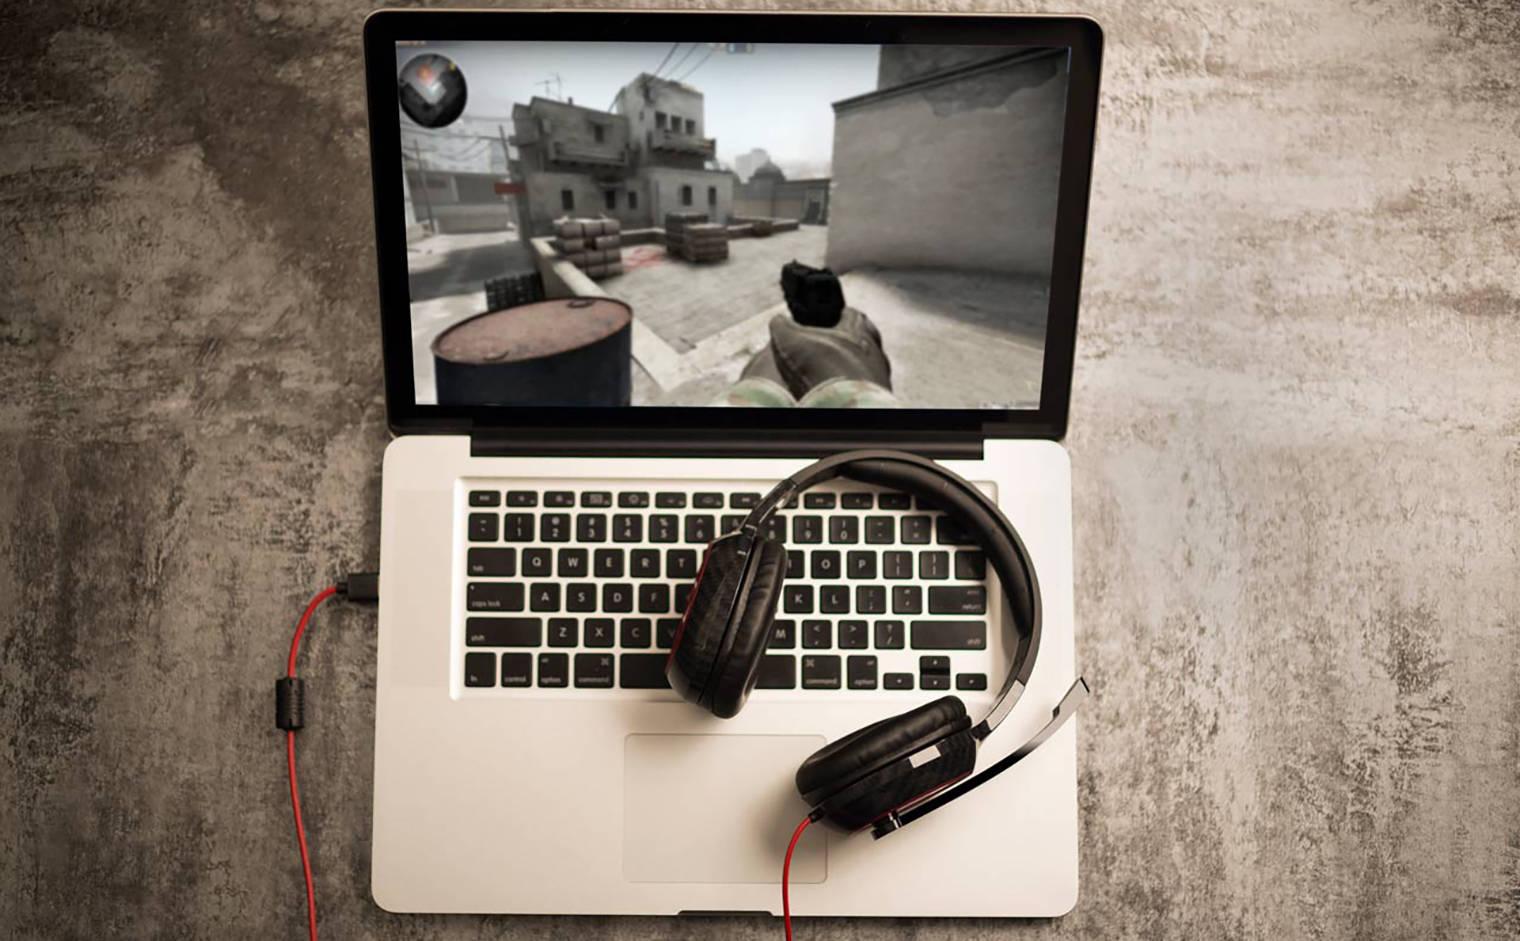 Гарнирута и ноутбук